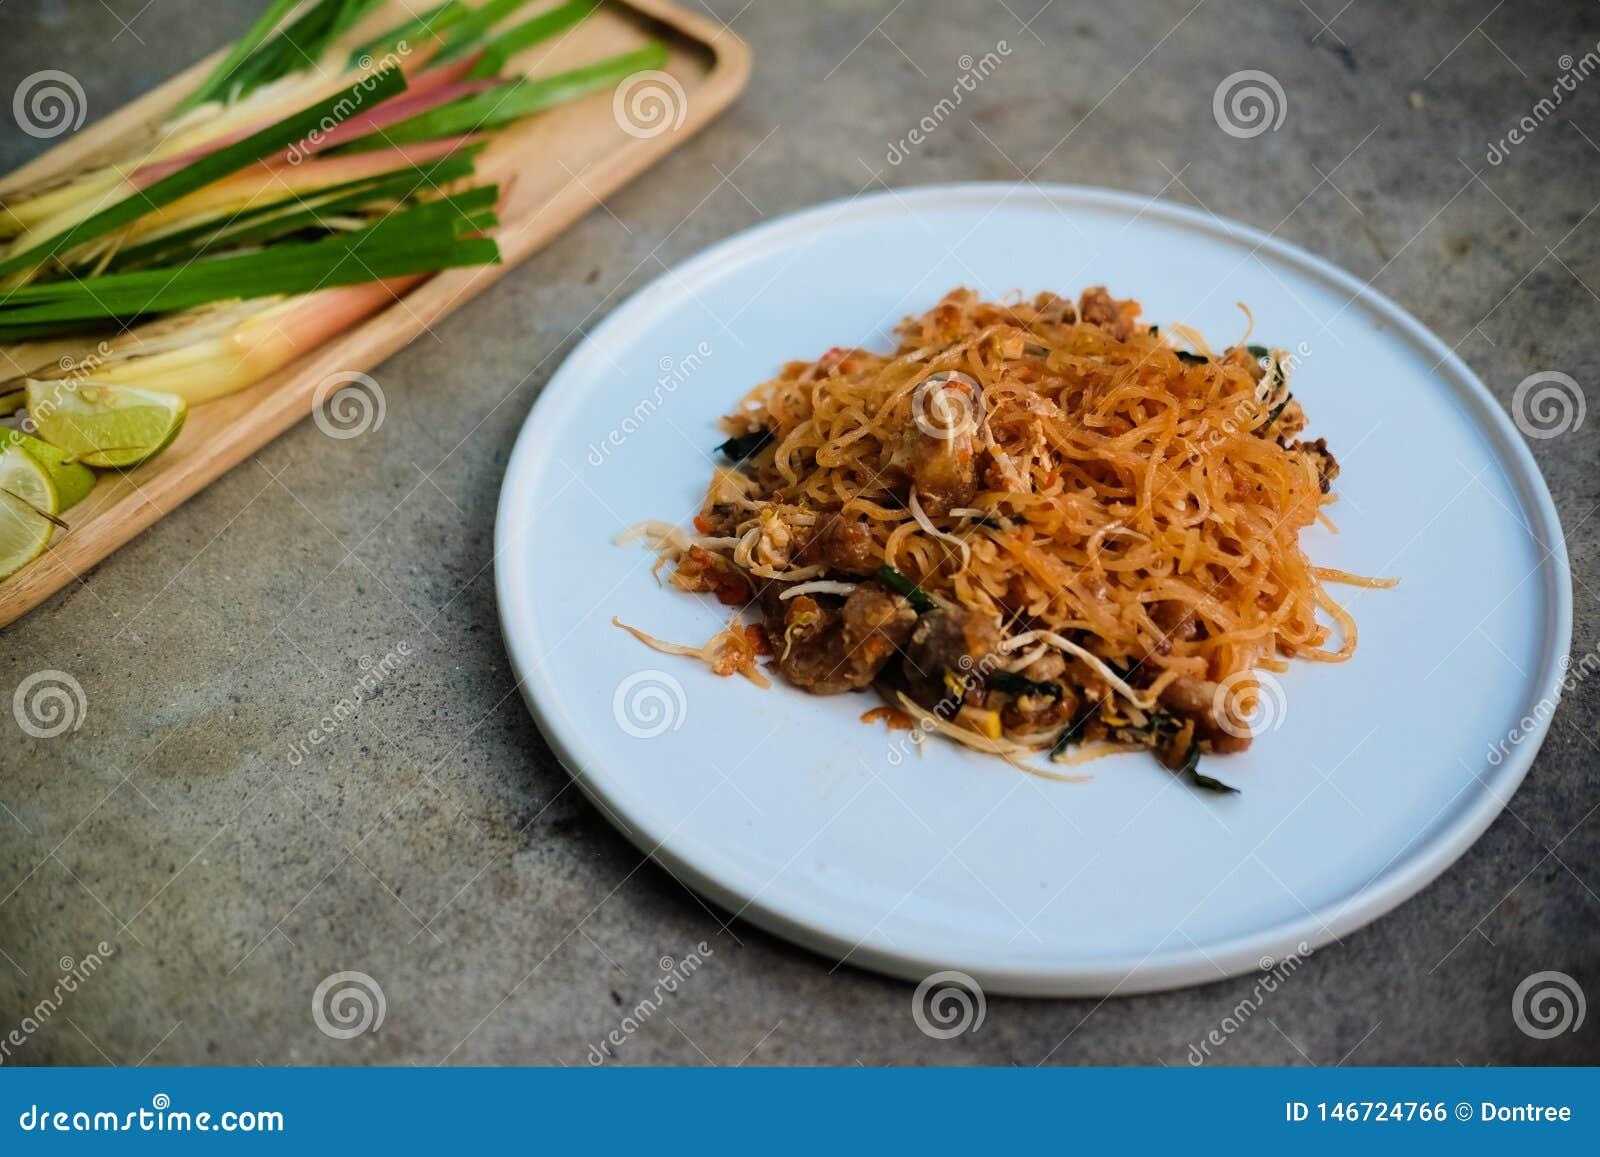 Μαξιλαριών ταϊλανδικά ανακατώνω-τηγανισμένα ταϊλανδικά νουντλς ρυζιού ύφους μικρά με το χοιρινό κρέας